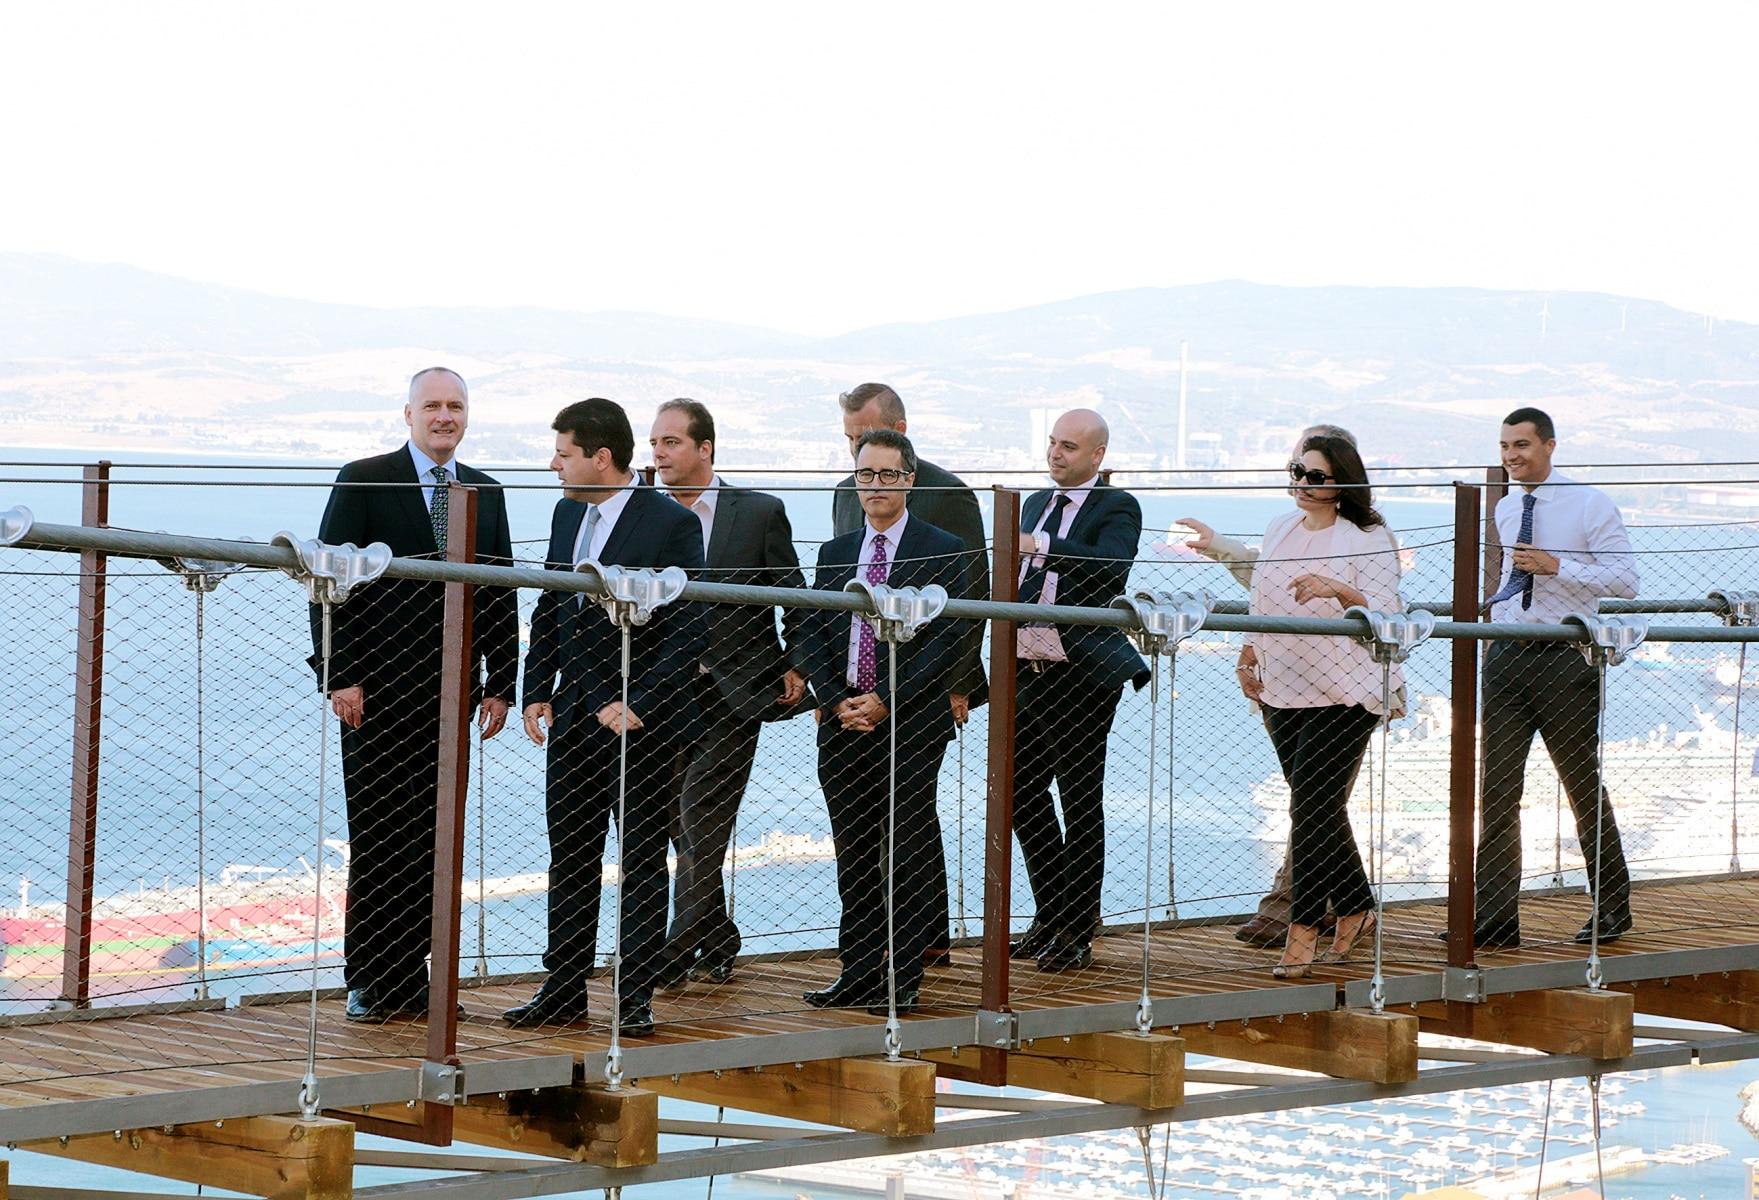 21-jun-2016-inauguracin-puente-colgante-en-la-reserva-natural-del-pen-de-gibraltar_27758328941_o